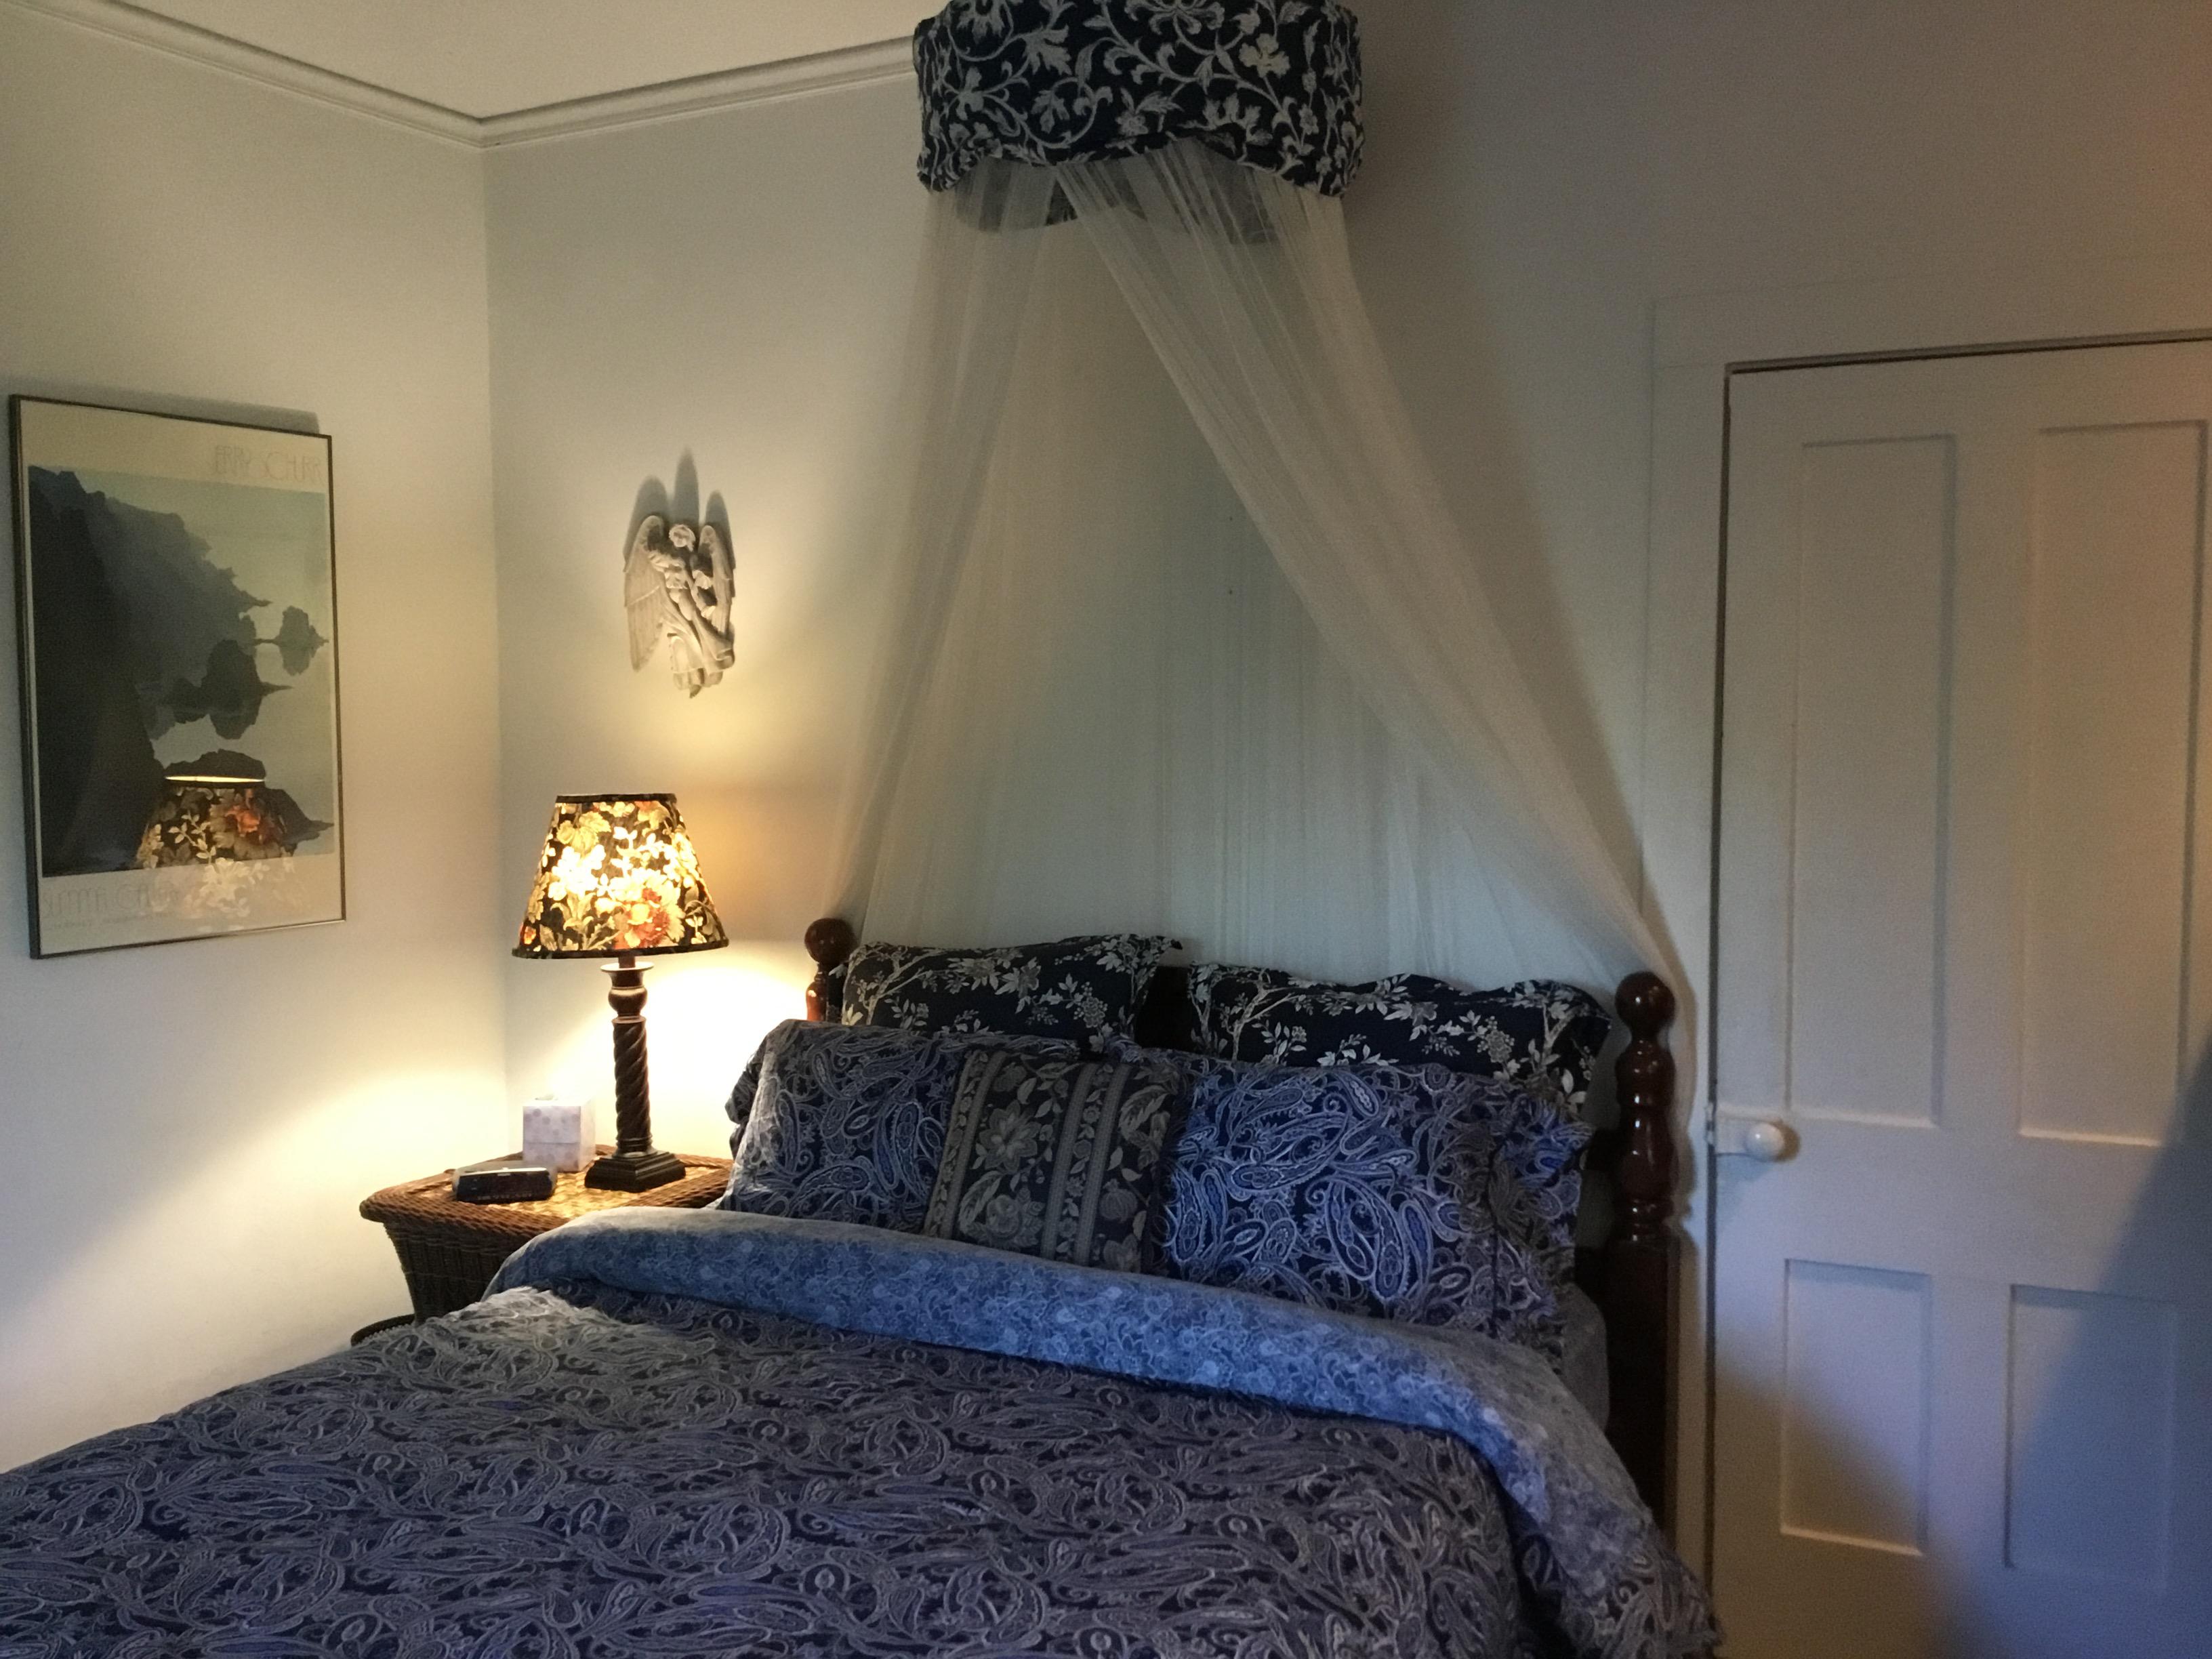 Ivy Tree Magnolia Room